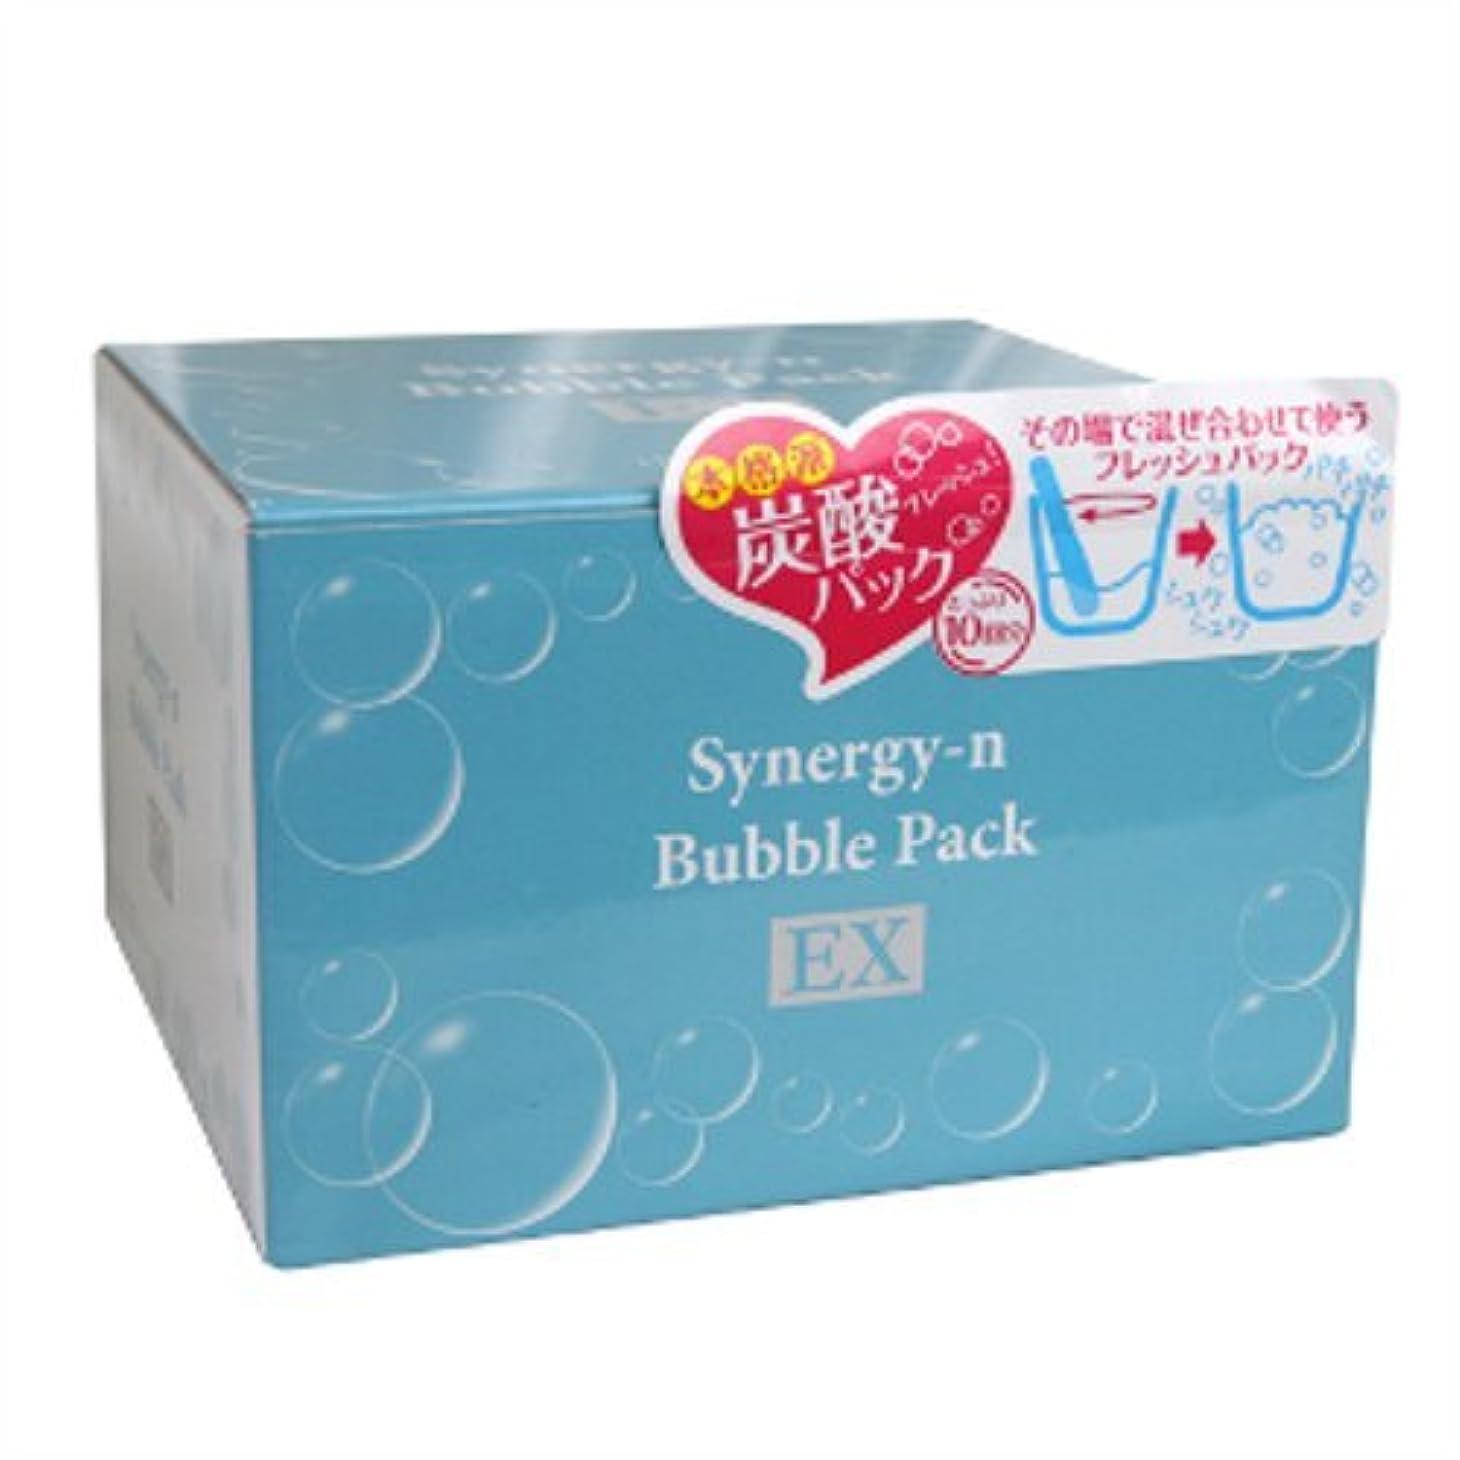 パキスタン人ウナギ不要Synergy-n bubble face pack